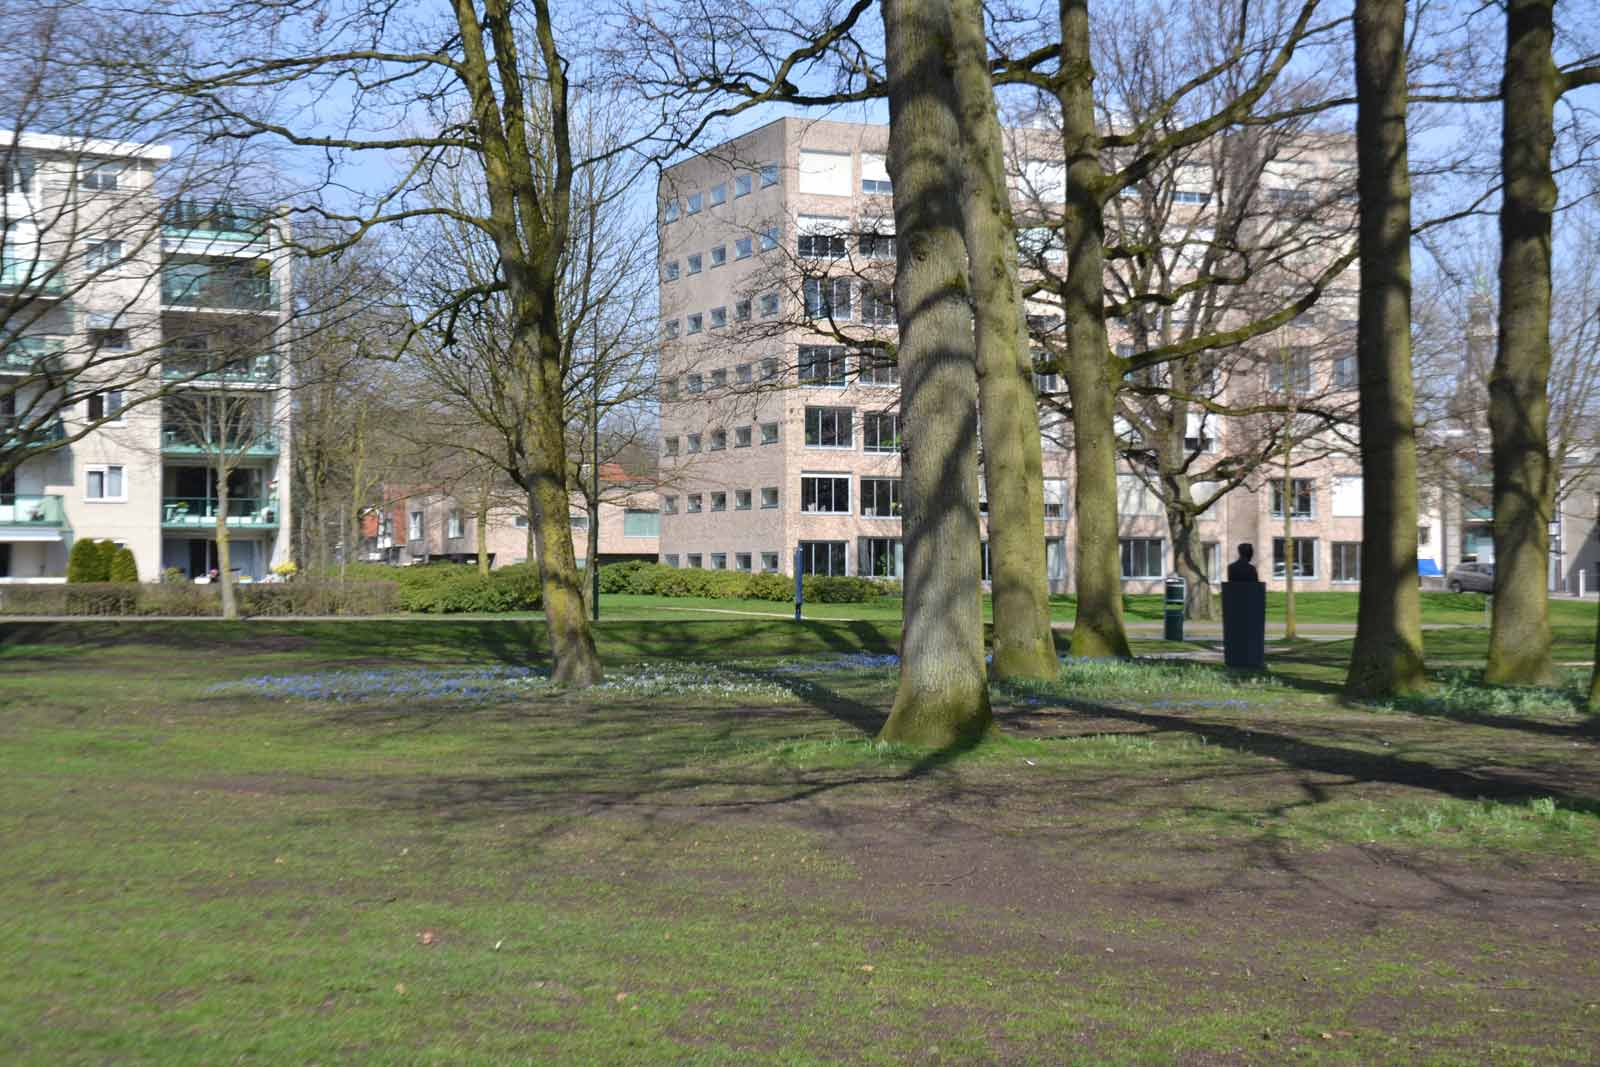 Diekman-landschapsarchitecten_-GGD-terrein-Apeldoorn_Claus-en-Kaan-archietceten_foto10